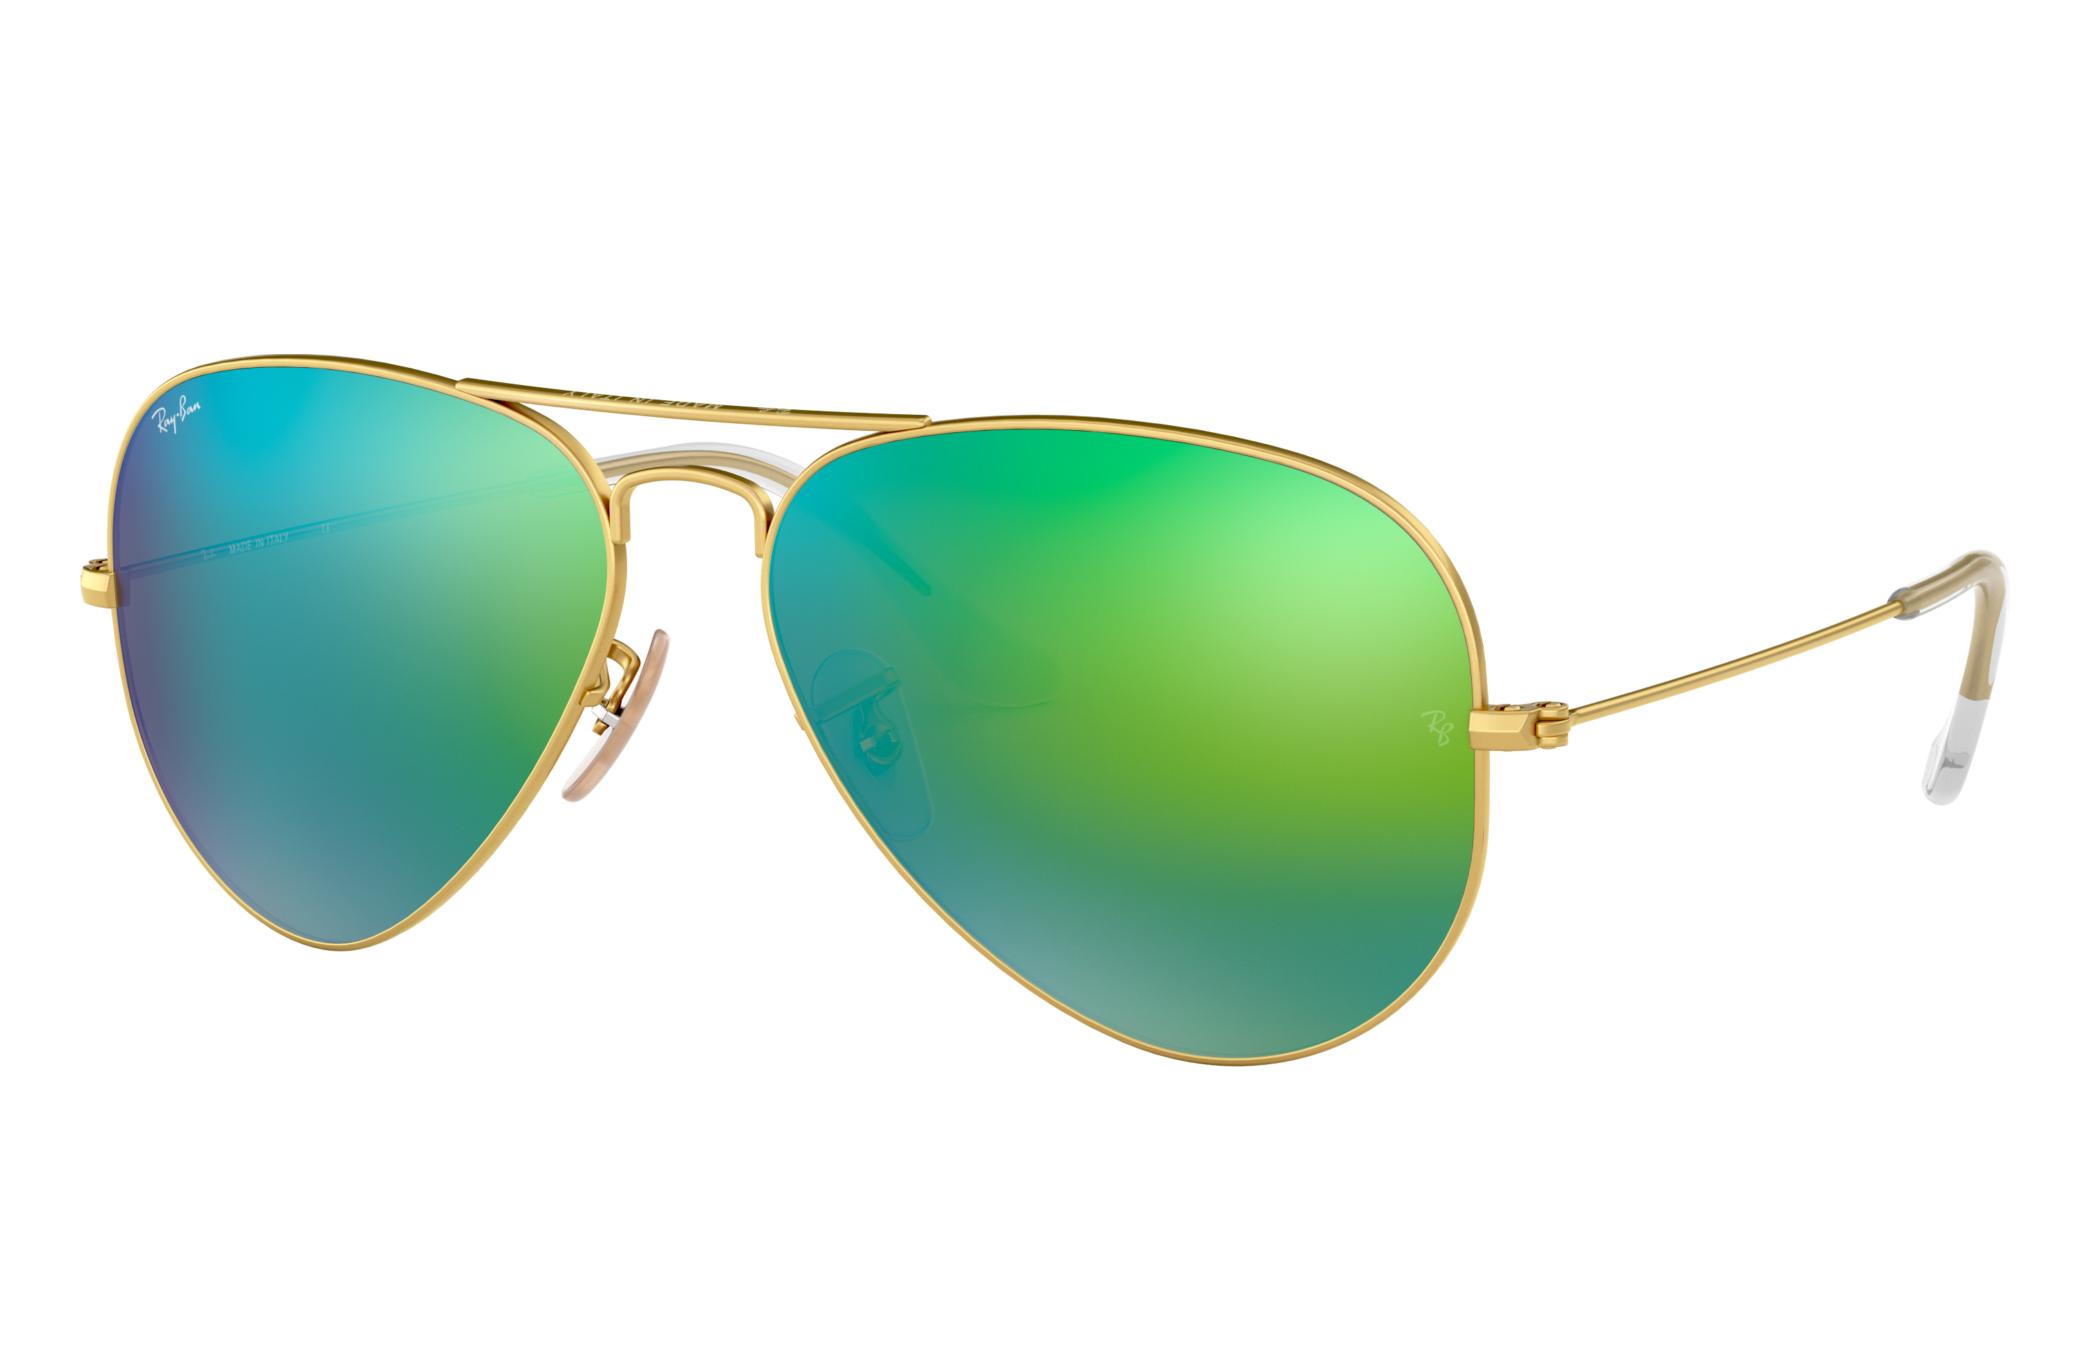 Ray-Ban Aviator Flash Lenses Gold, Green Lenses - RB3025